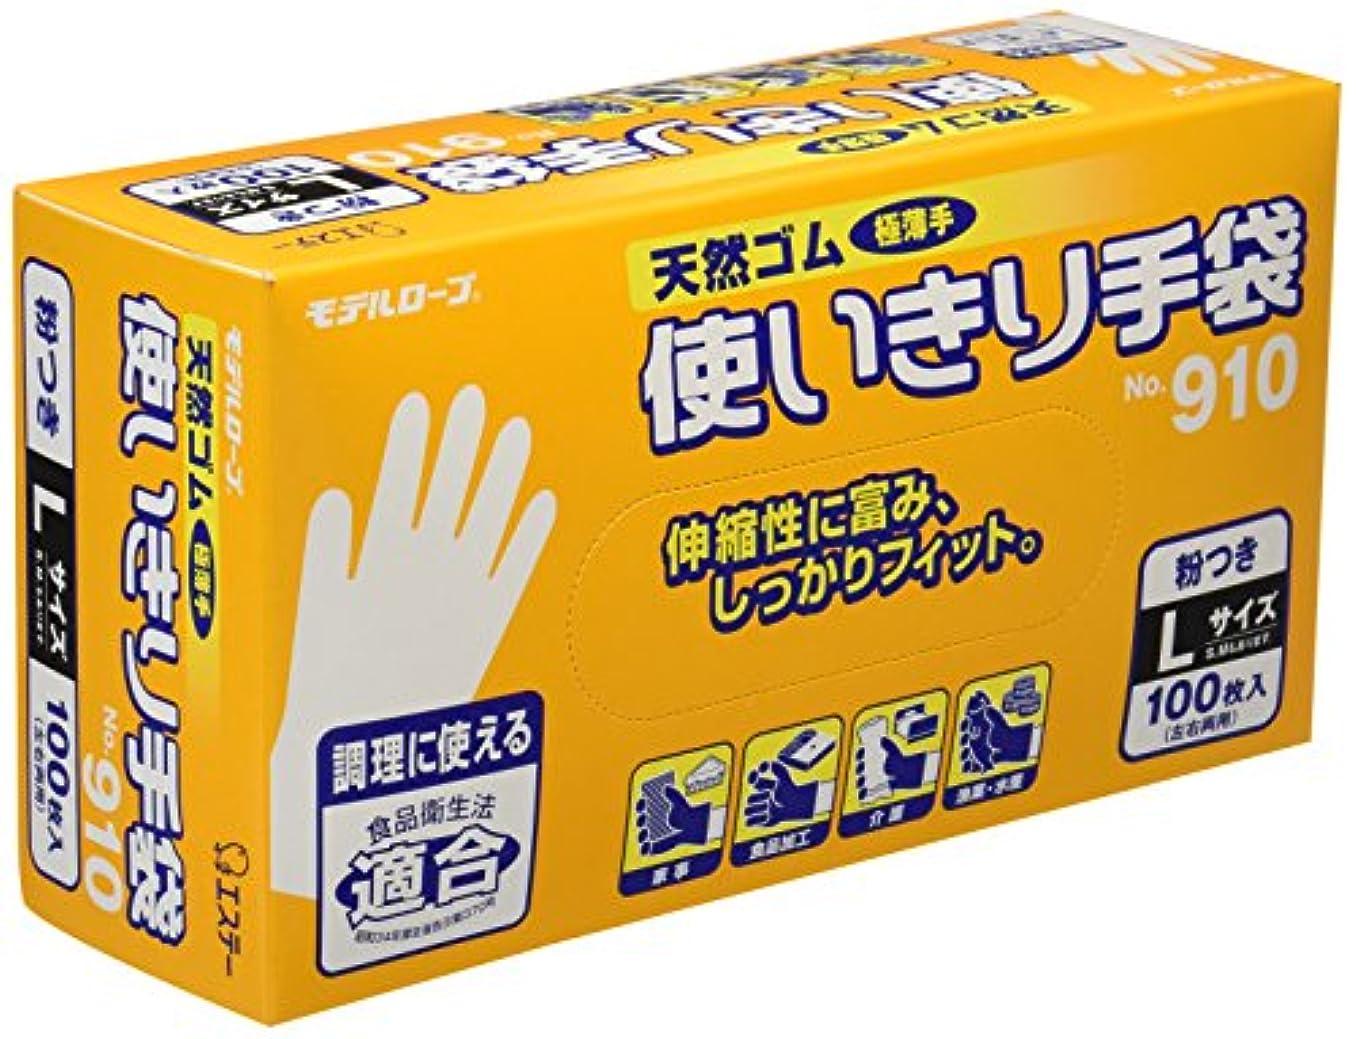 バラ色首謀者野望モデルローブNo910天然ゴム使いきり手袋粉つき100枚入ホワイトL